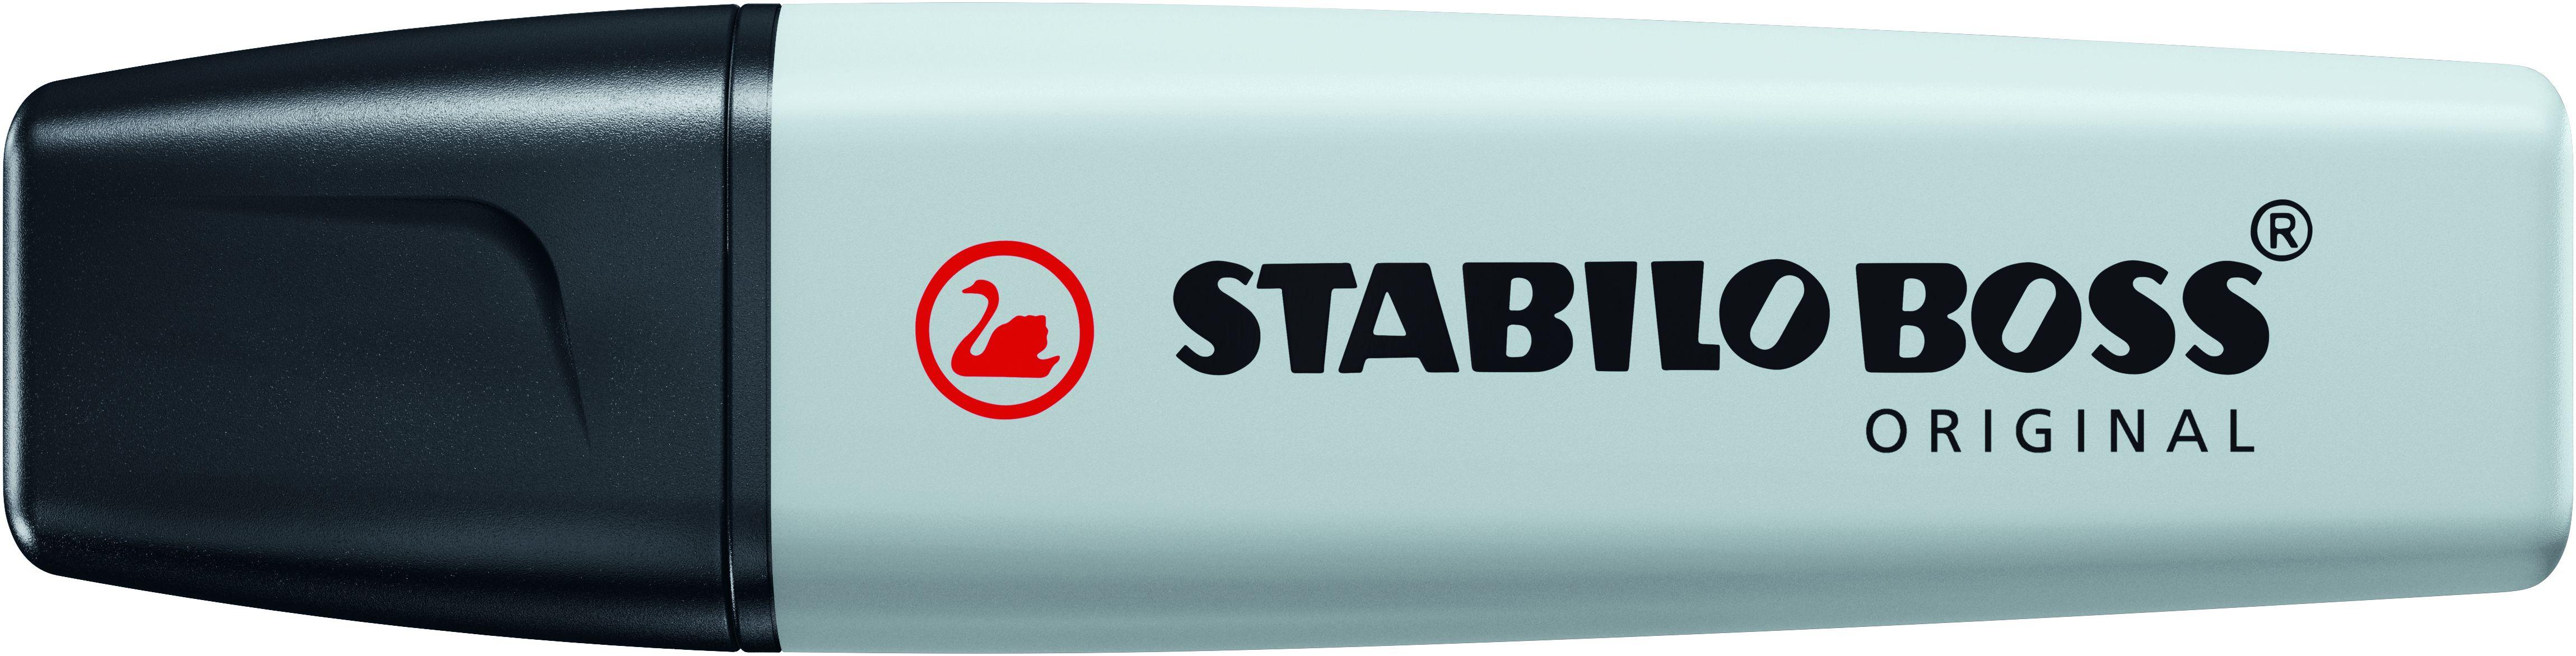 STABILO BOSS ORIGINAL Pastel - Surligneur - poudre de gris